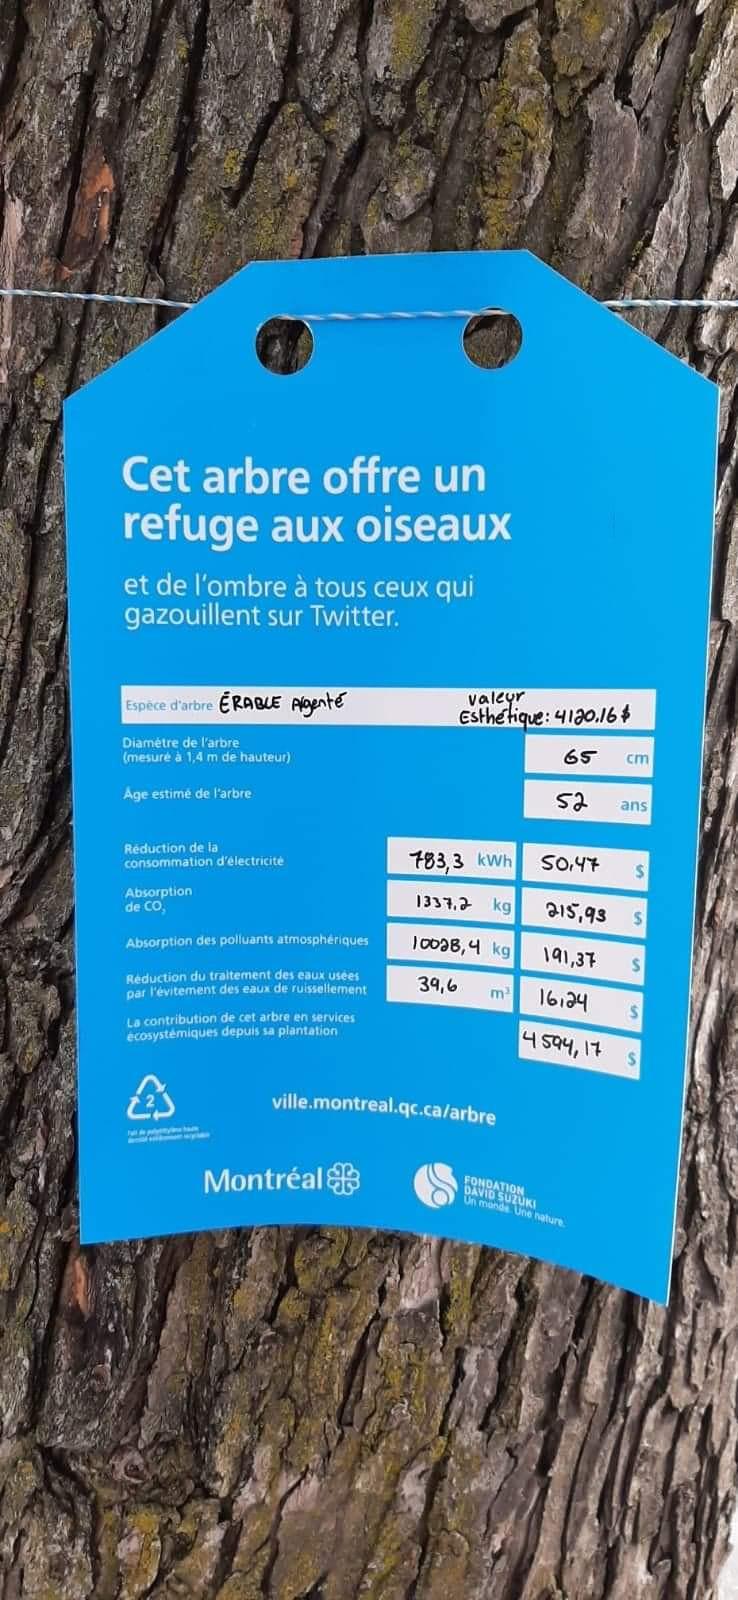 liste des bénéfices que nous apportent les arbres en ville